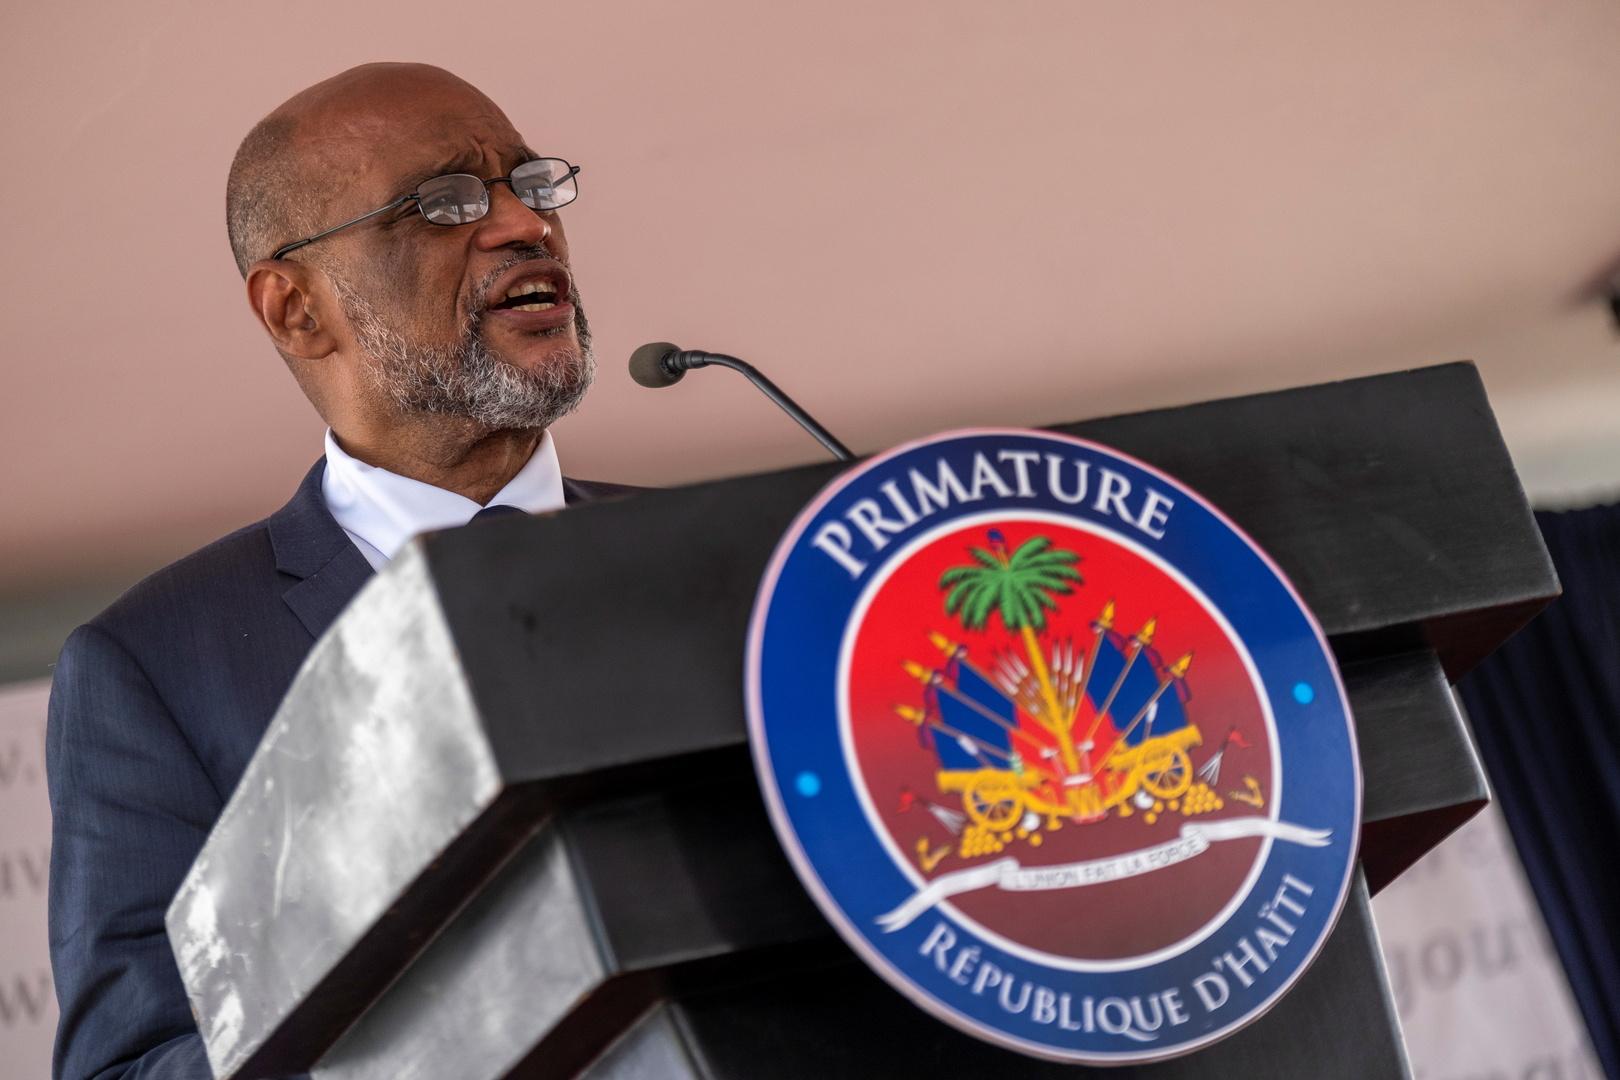 رئيس وزراء هايتي: الحكومة تخطط لإجراء الانتخابات في أقرب وقت ممكن